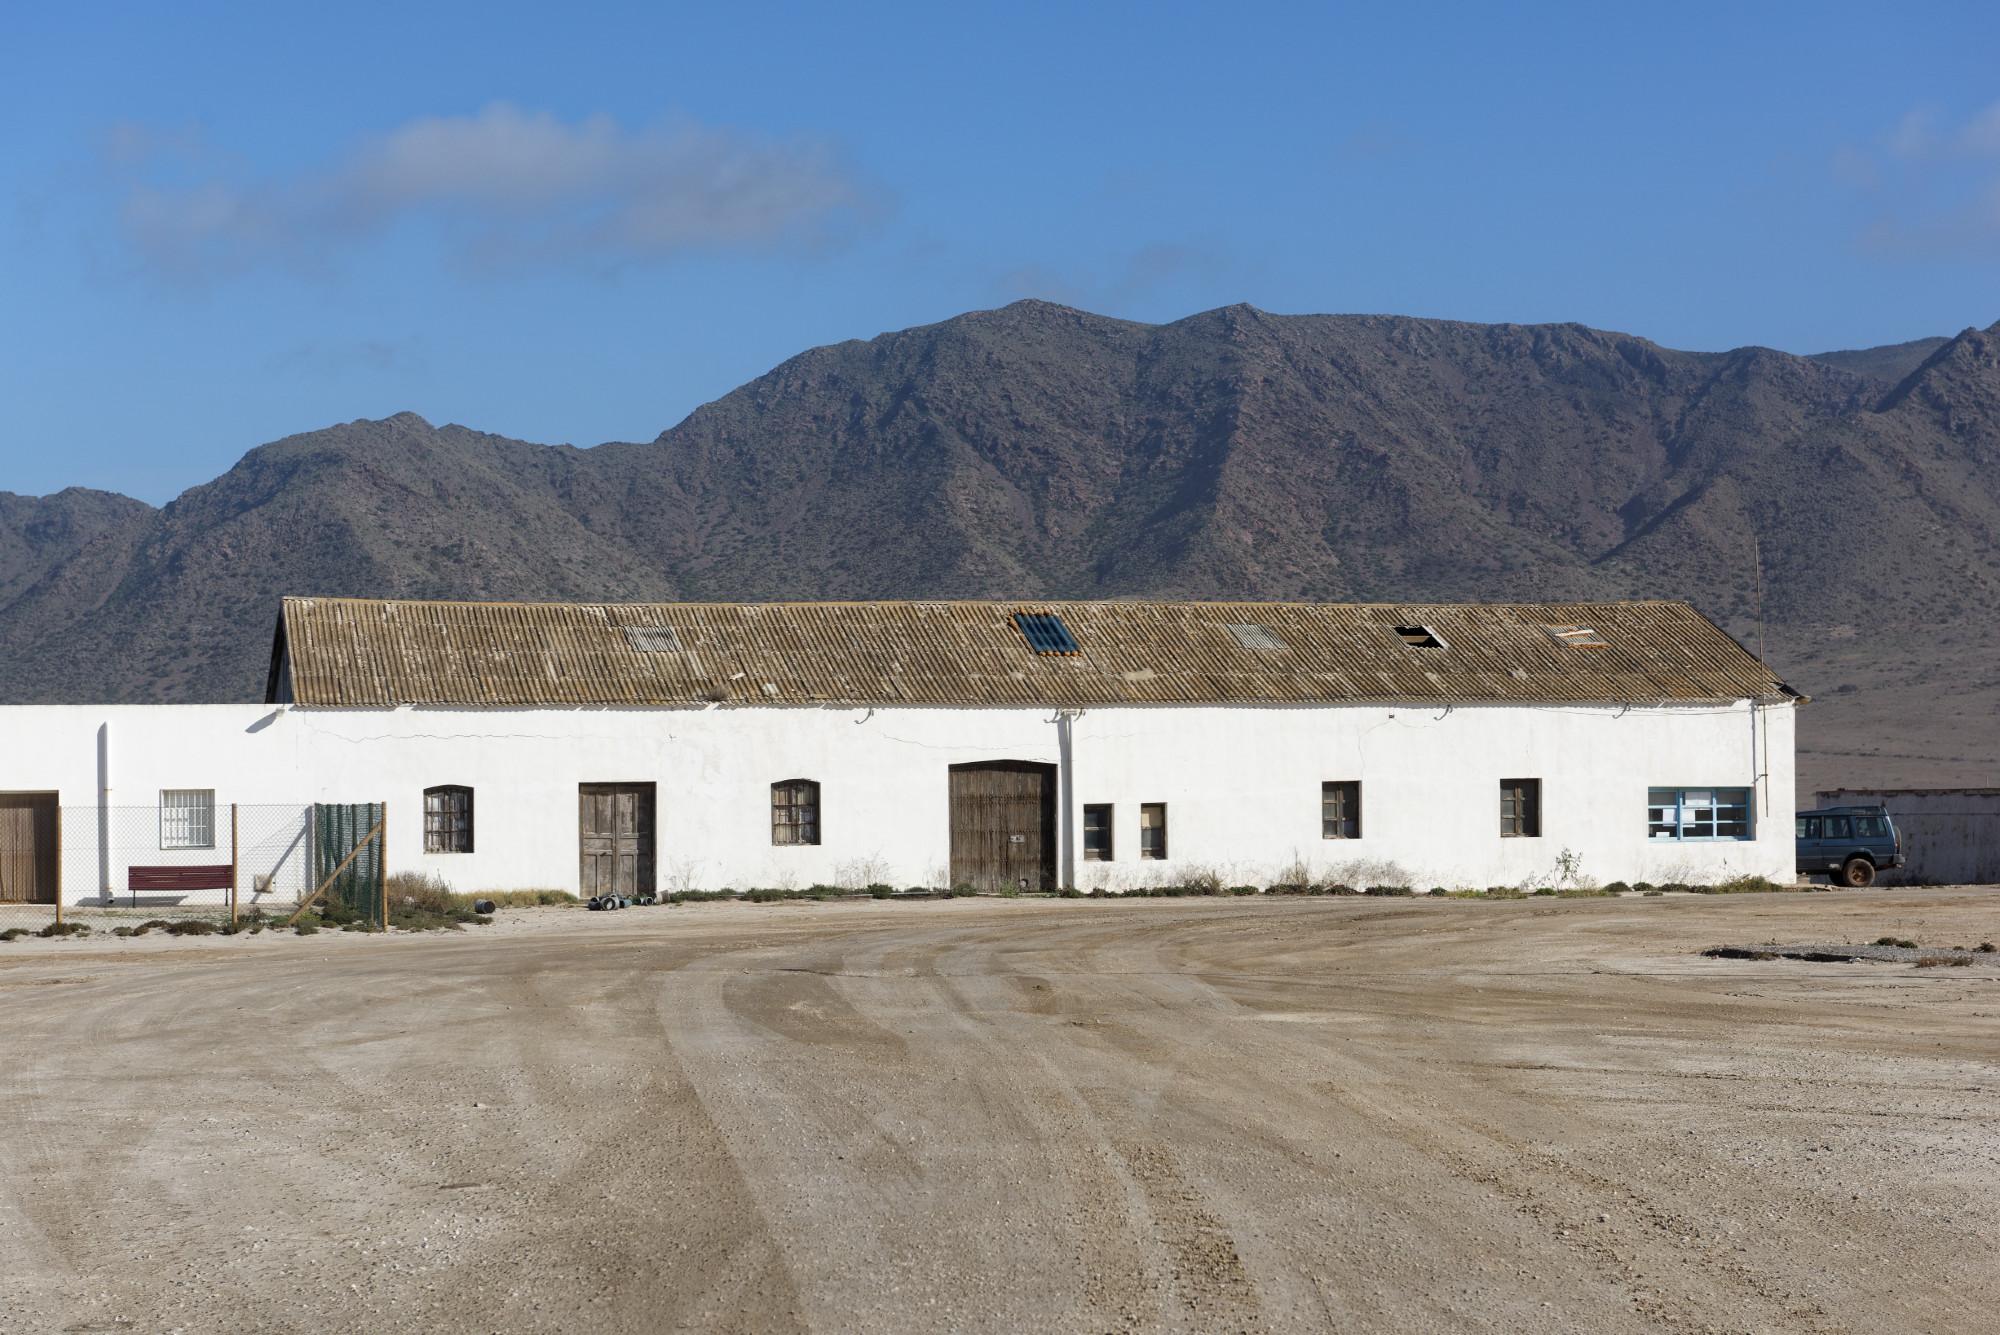 171215-La Almadraba de Montelava (Cabo de Gata - Andalousie) (25)